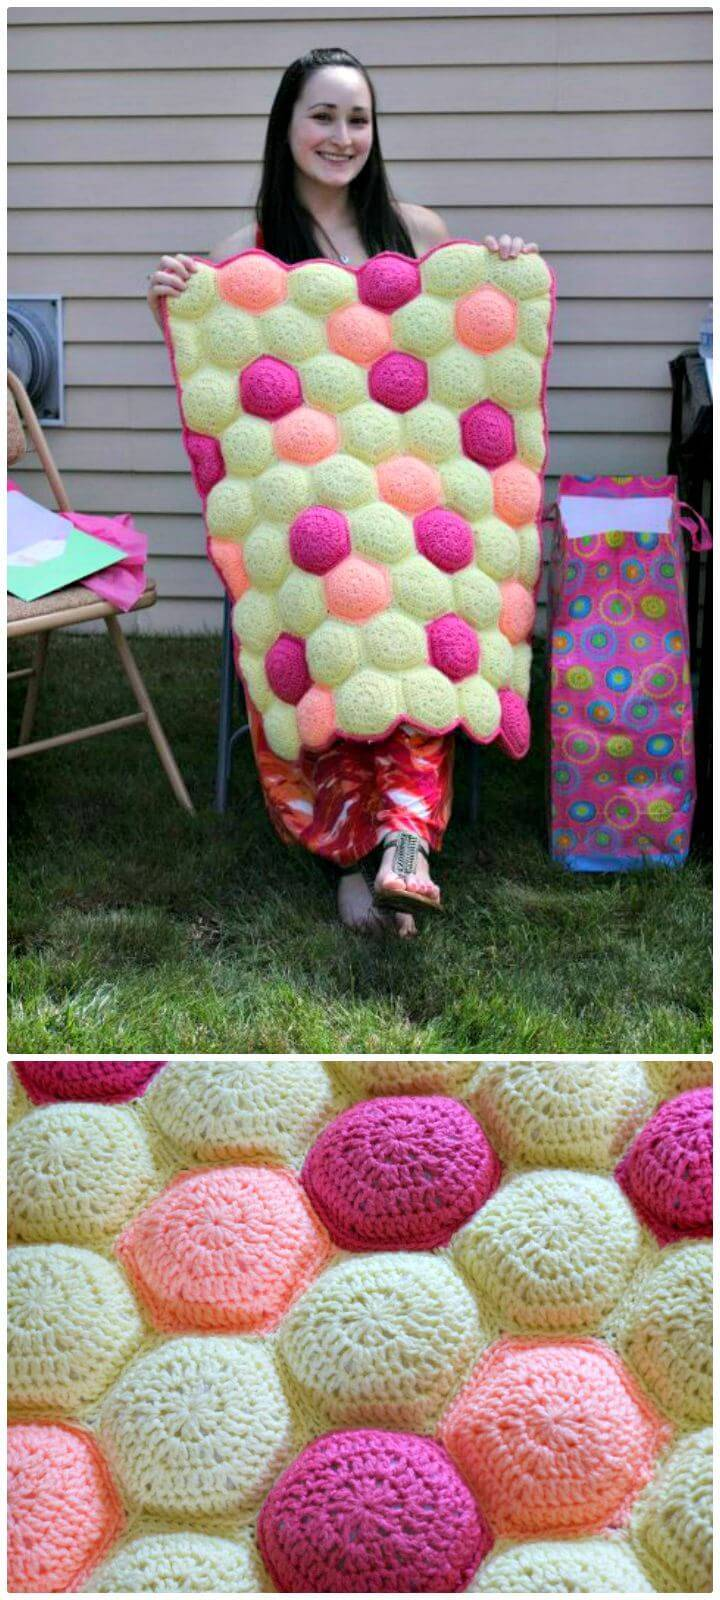 Einzigartige häkeln Hexa-Puff Babydecke - kostenlose Muster